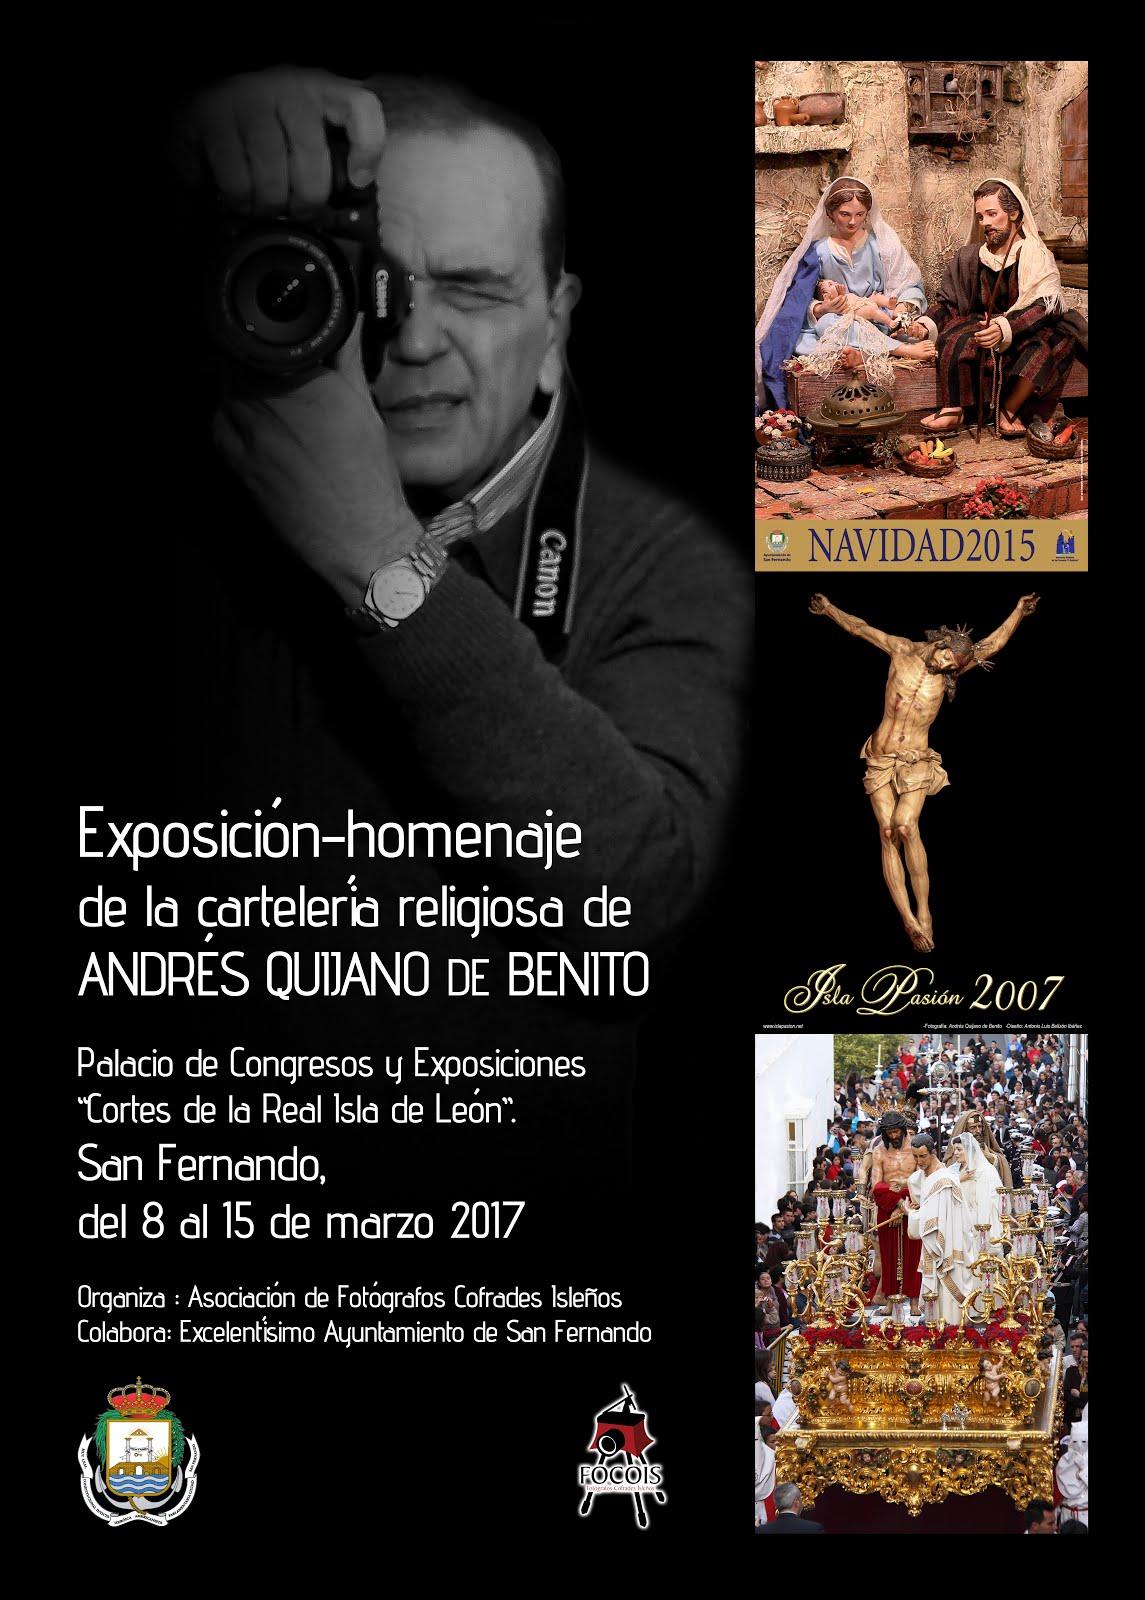 Exposición Andrés Quijano